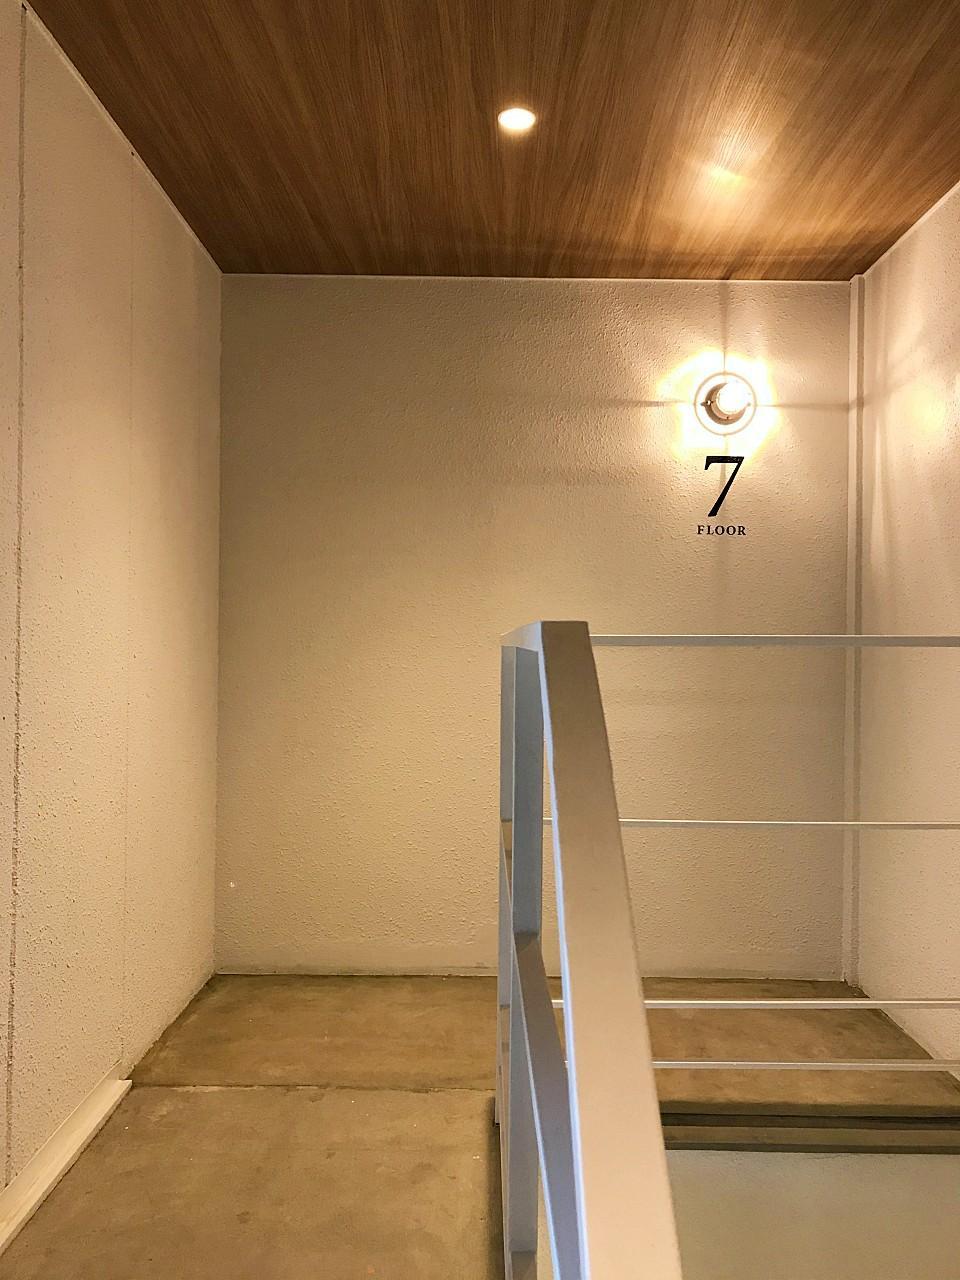 共用階段のサインもいいです